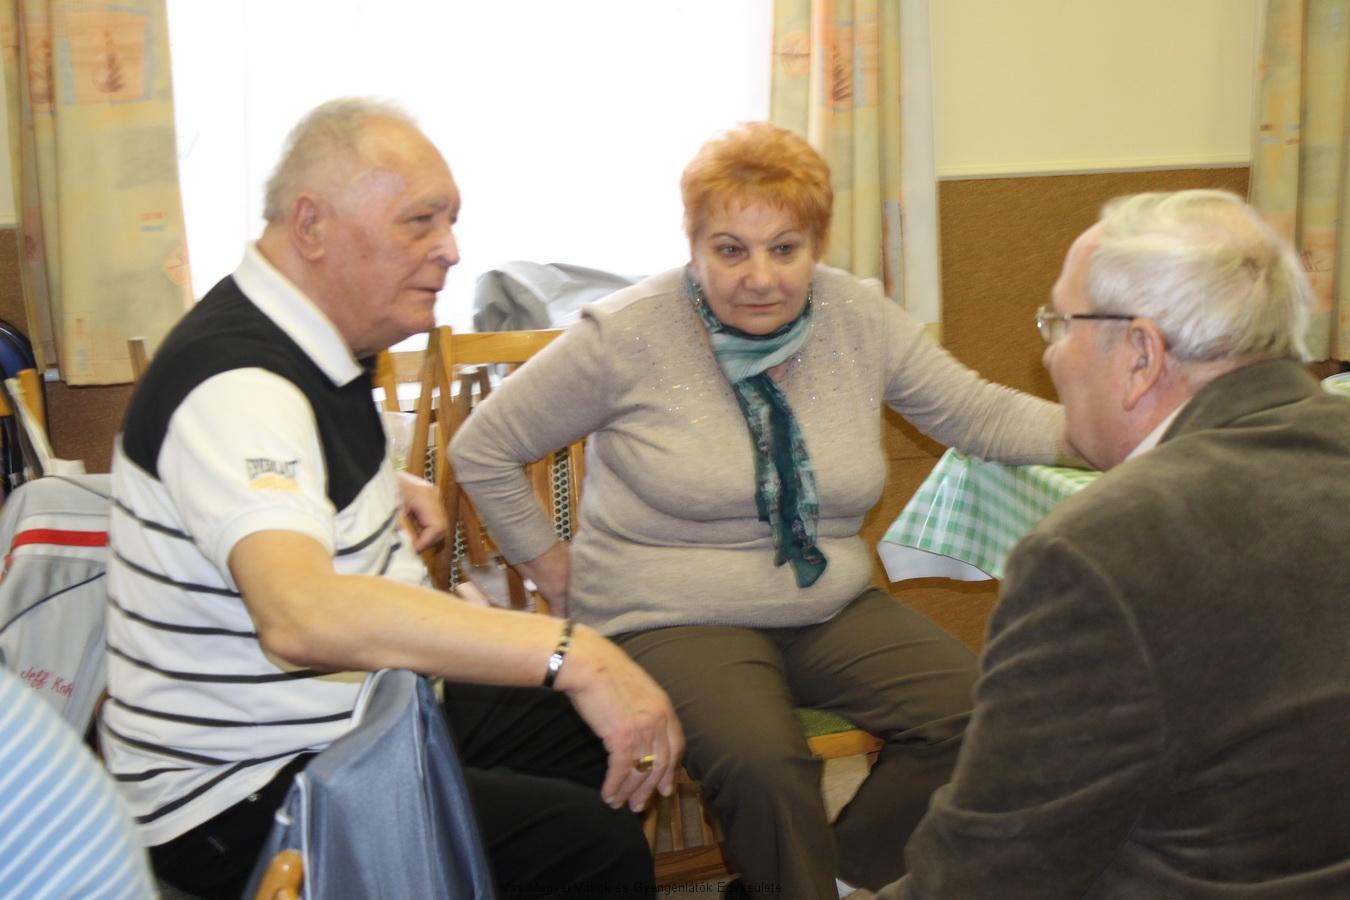 Goda István, egyesületünk volt elnöke, Kissné Marika és Csider Sándor beszélgetnek.